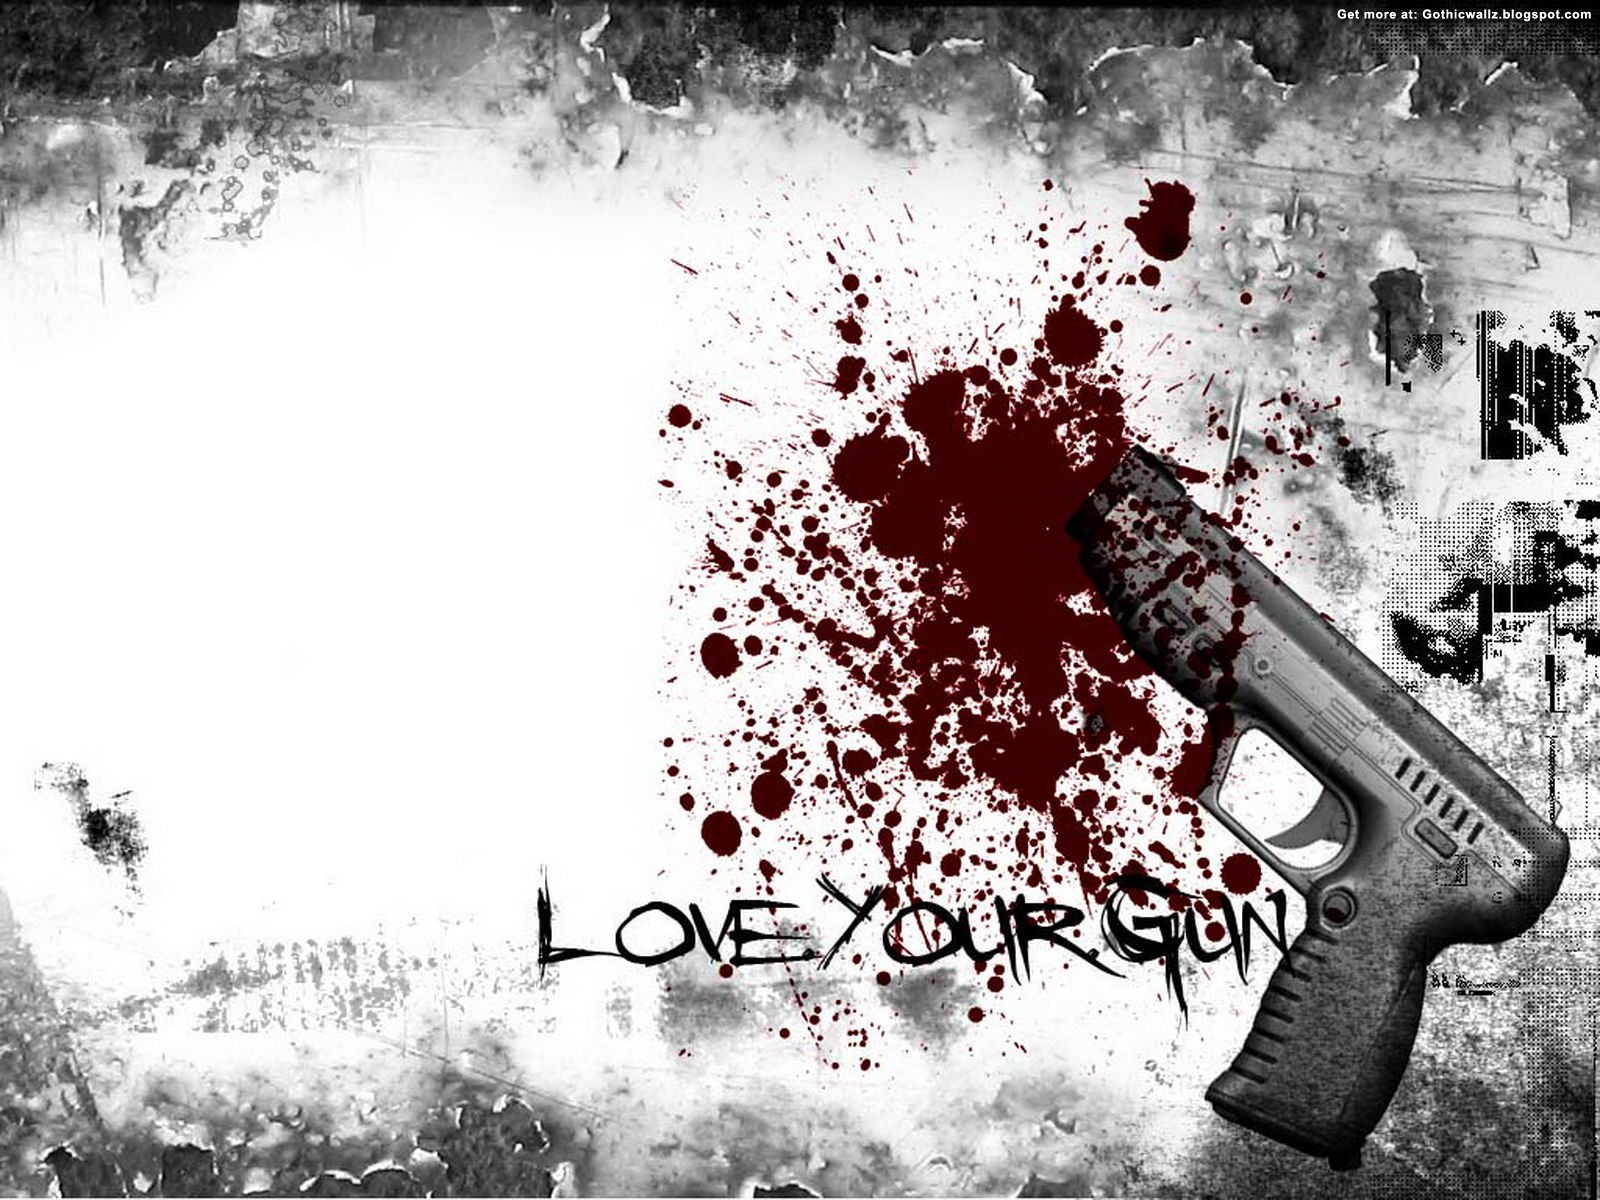 Gangster love wallpaper wallpapersafari - M r love wallpaper ...